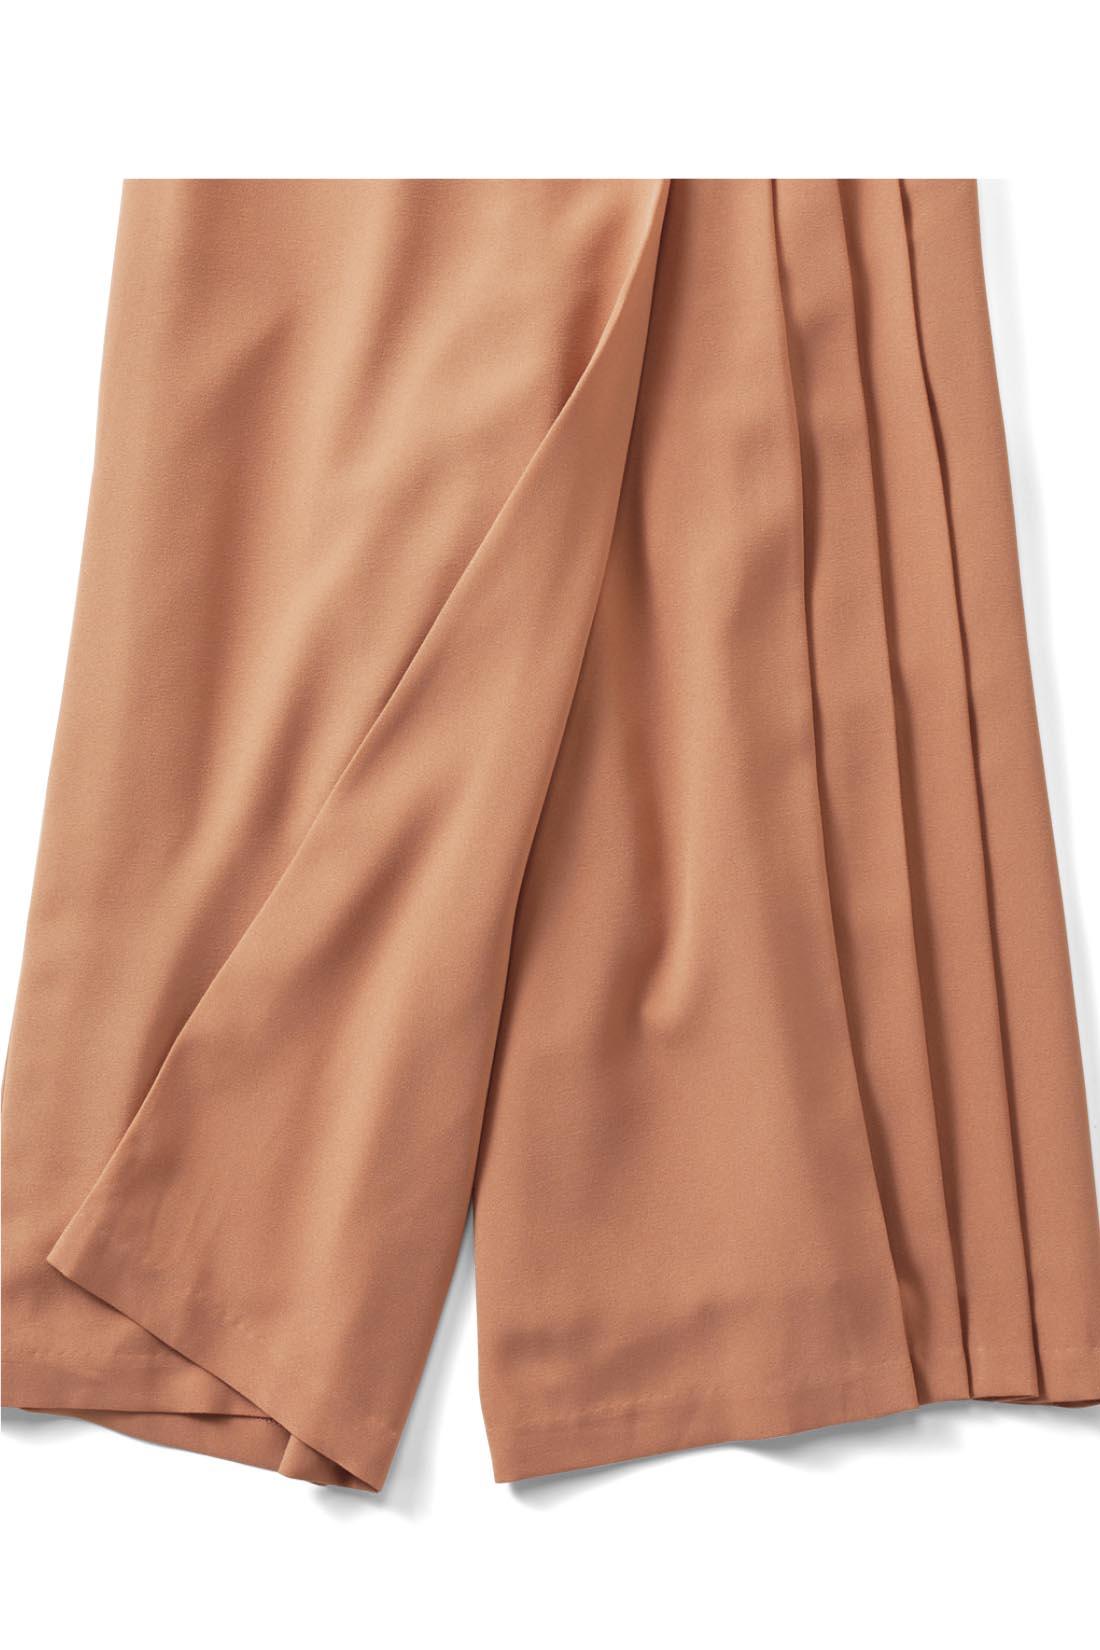 スカートに見えてパンツなので脚さばきよく、アクティブに過ごせます。※お届けするカラーとは異なります。